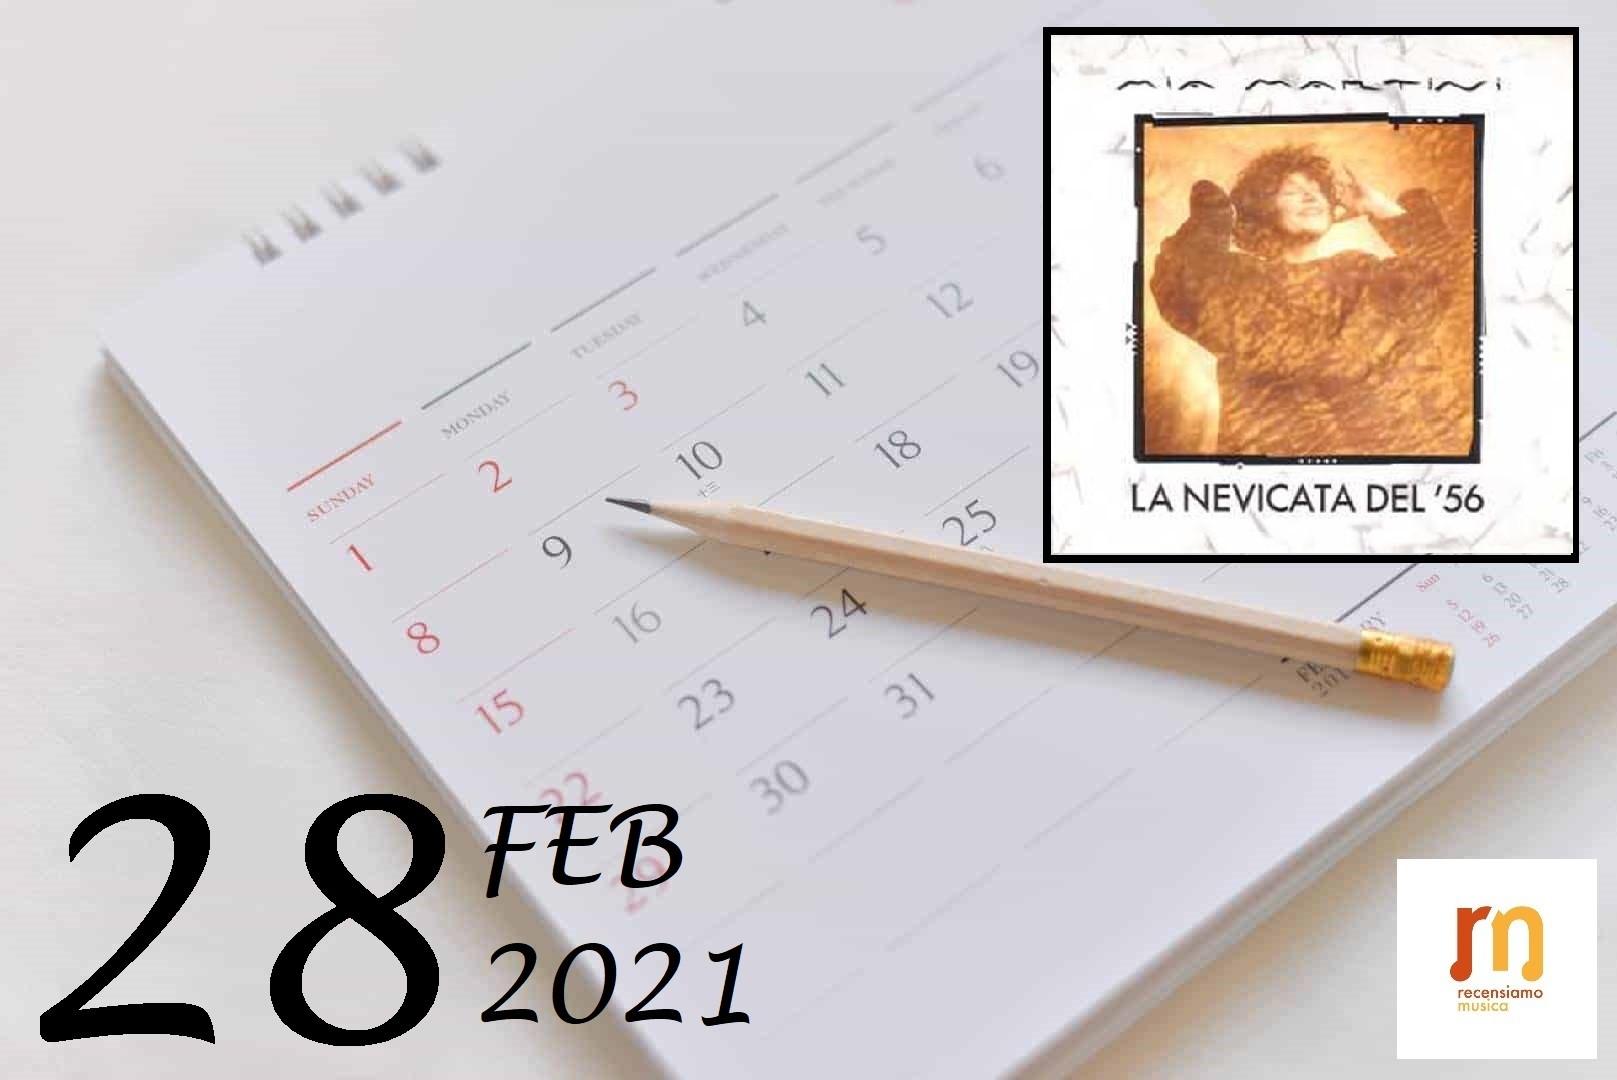 28 febbraio